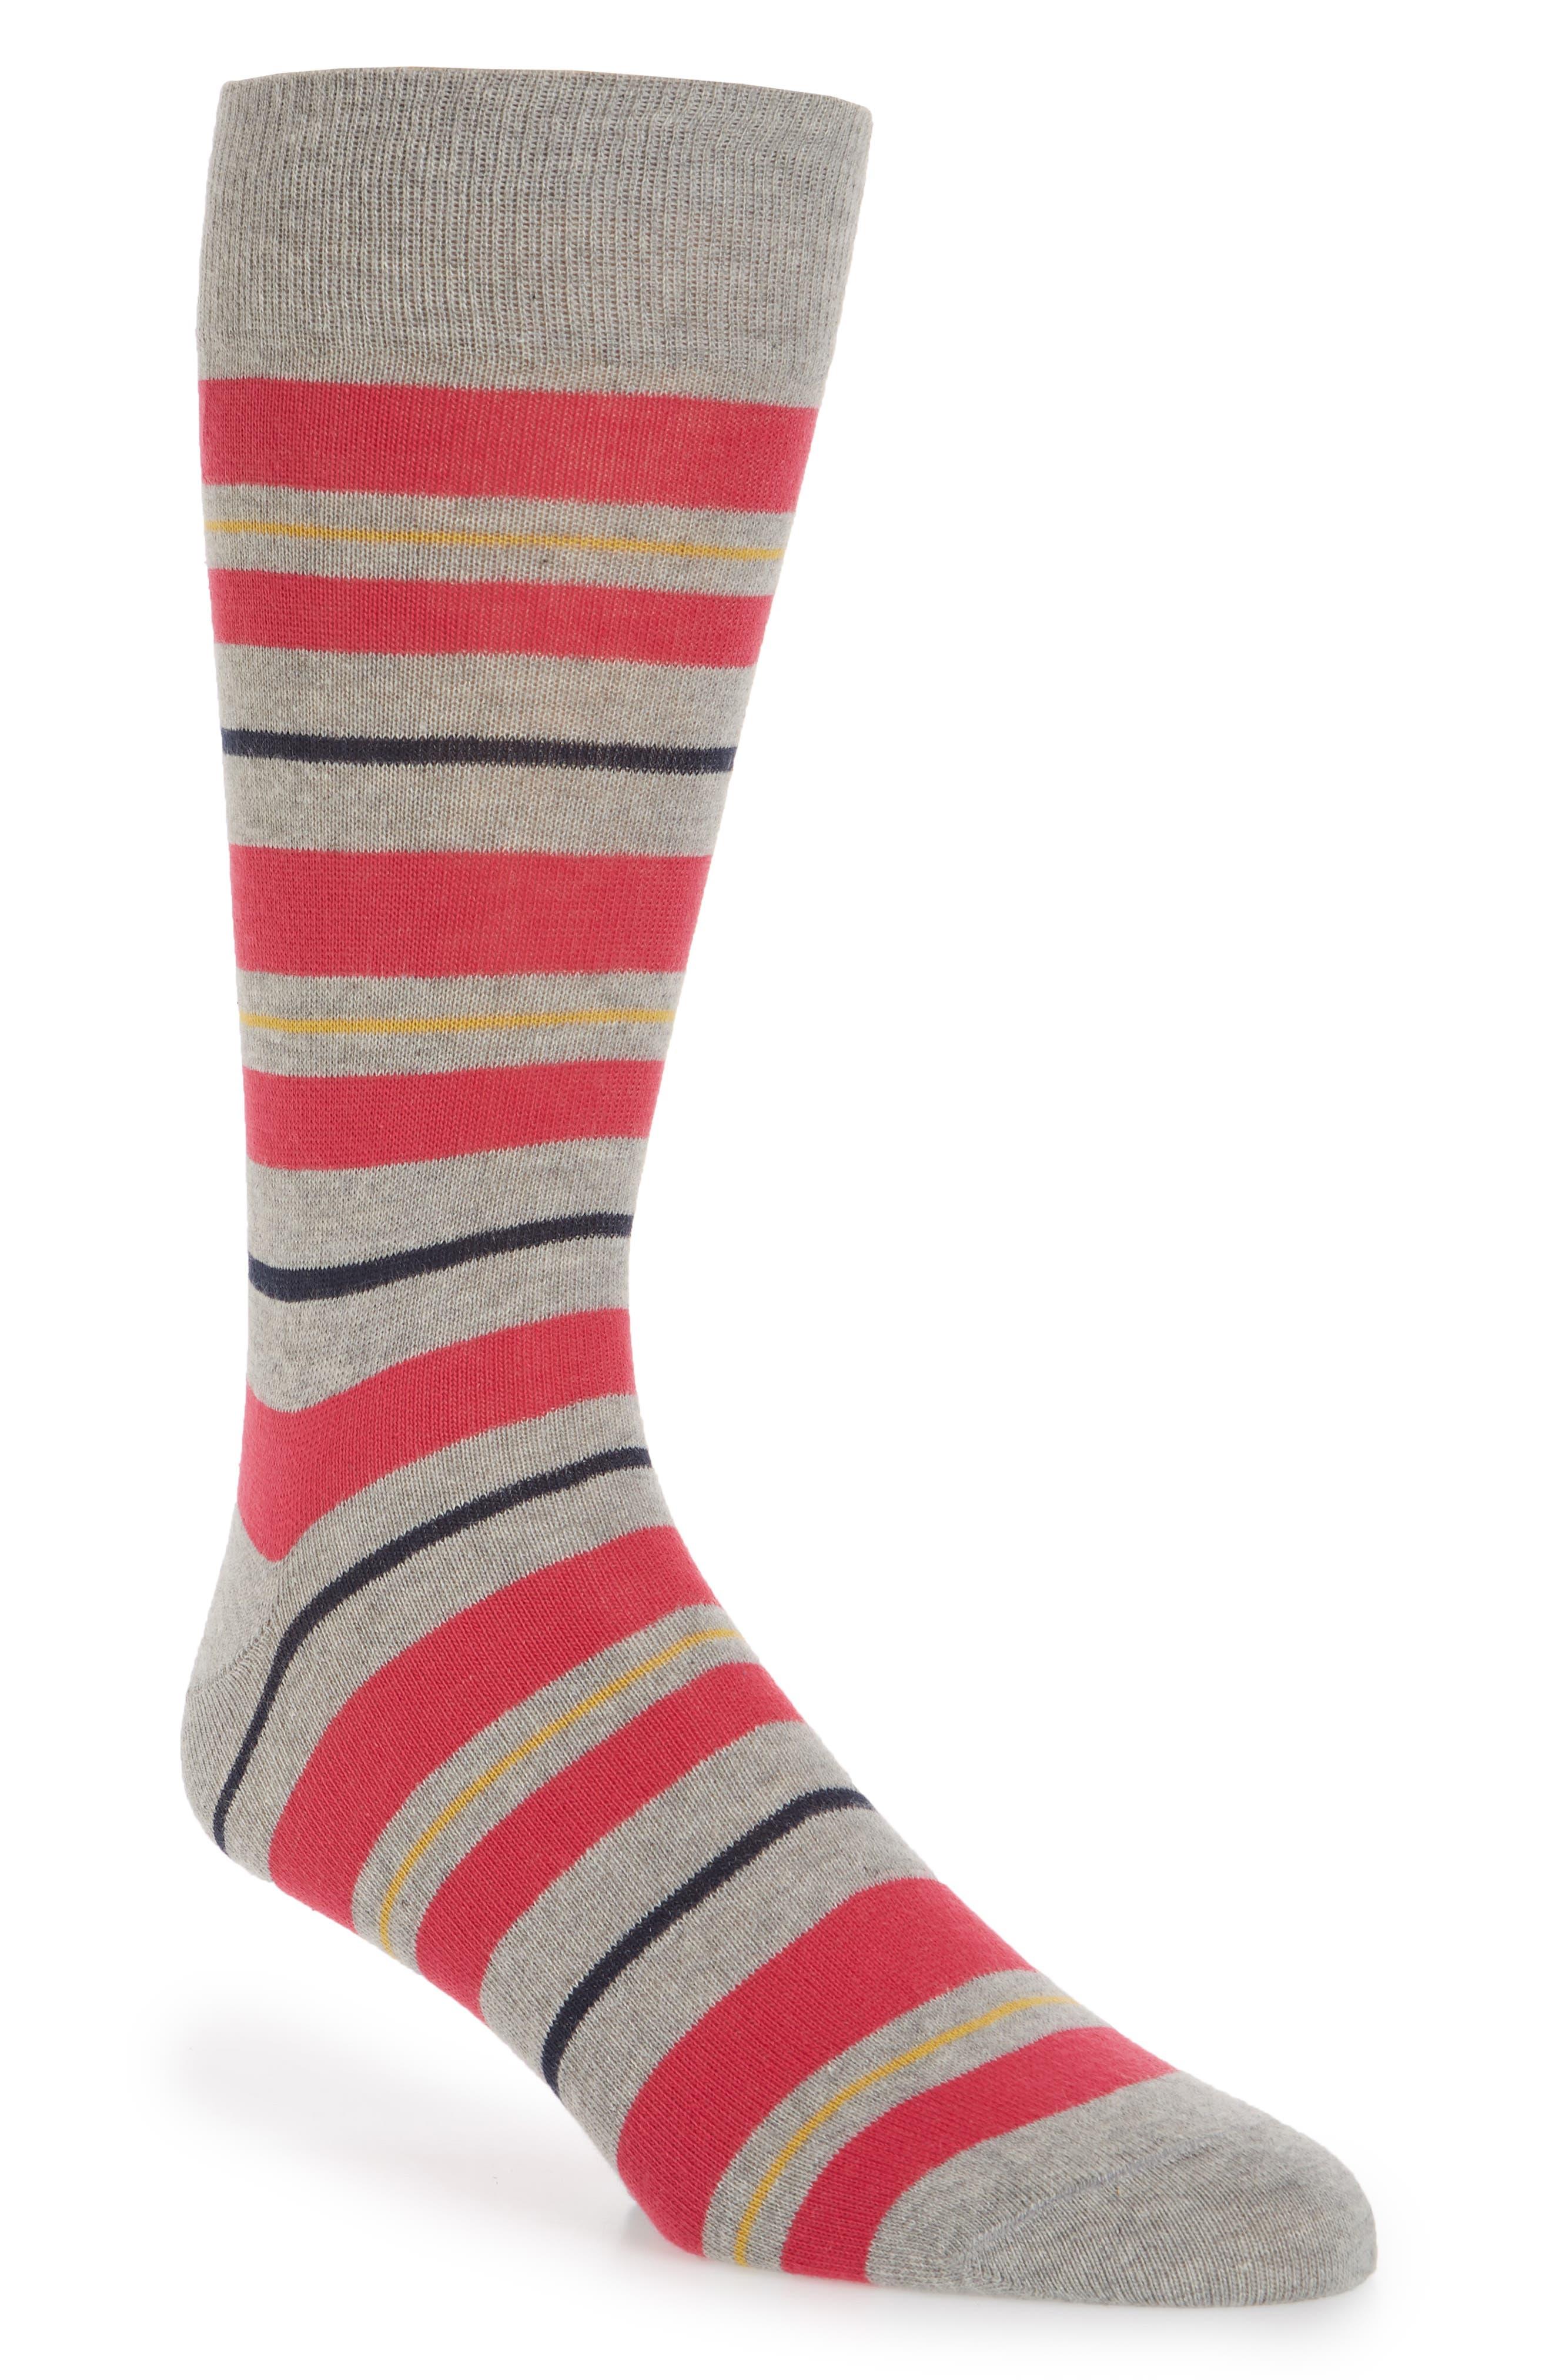 Uneven Stripe Socks,                         Main,                         color, 020